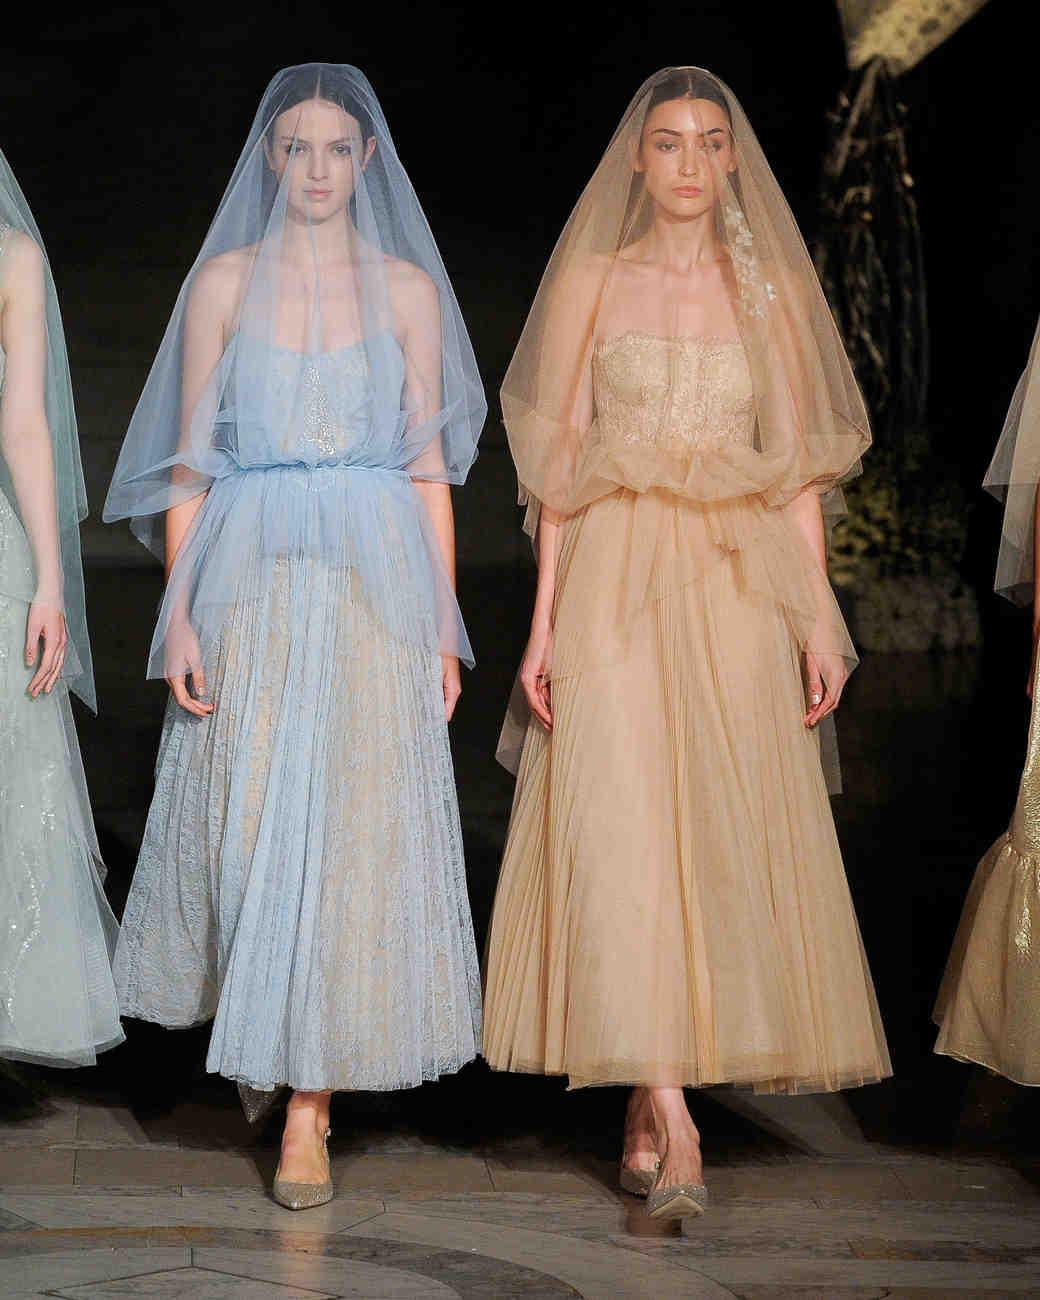 reem acra fall 2019 vertical ruffle sheer wedding dress